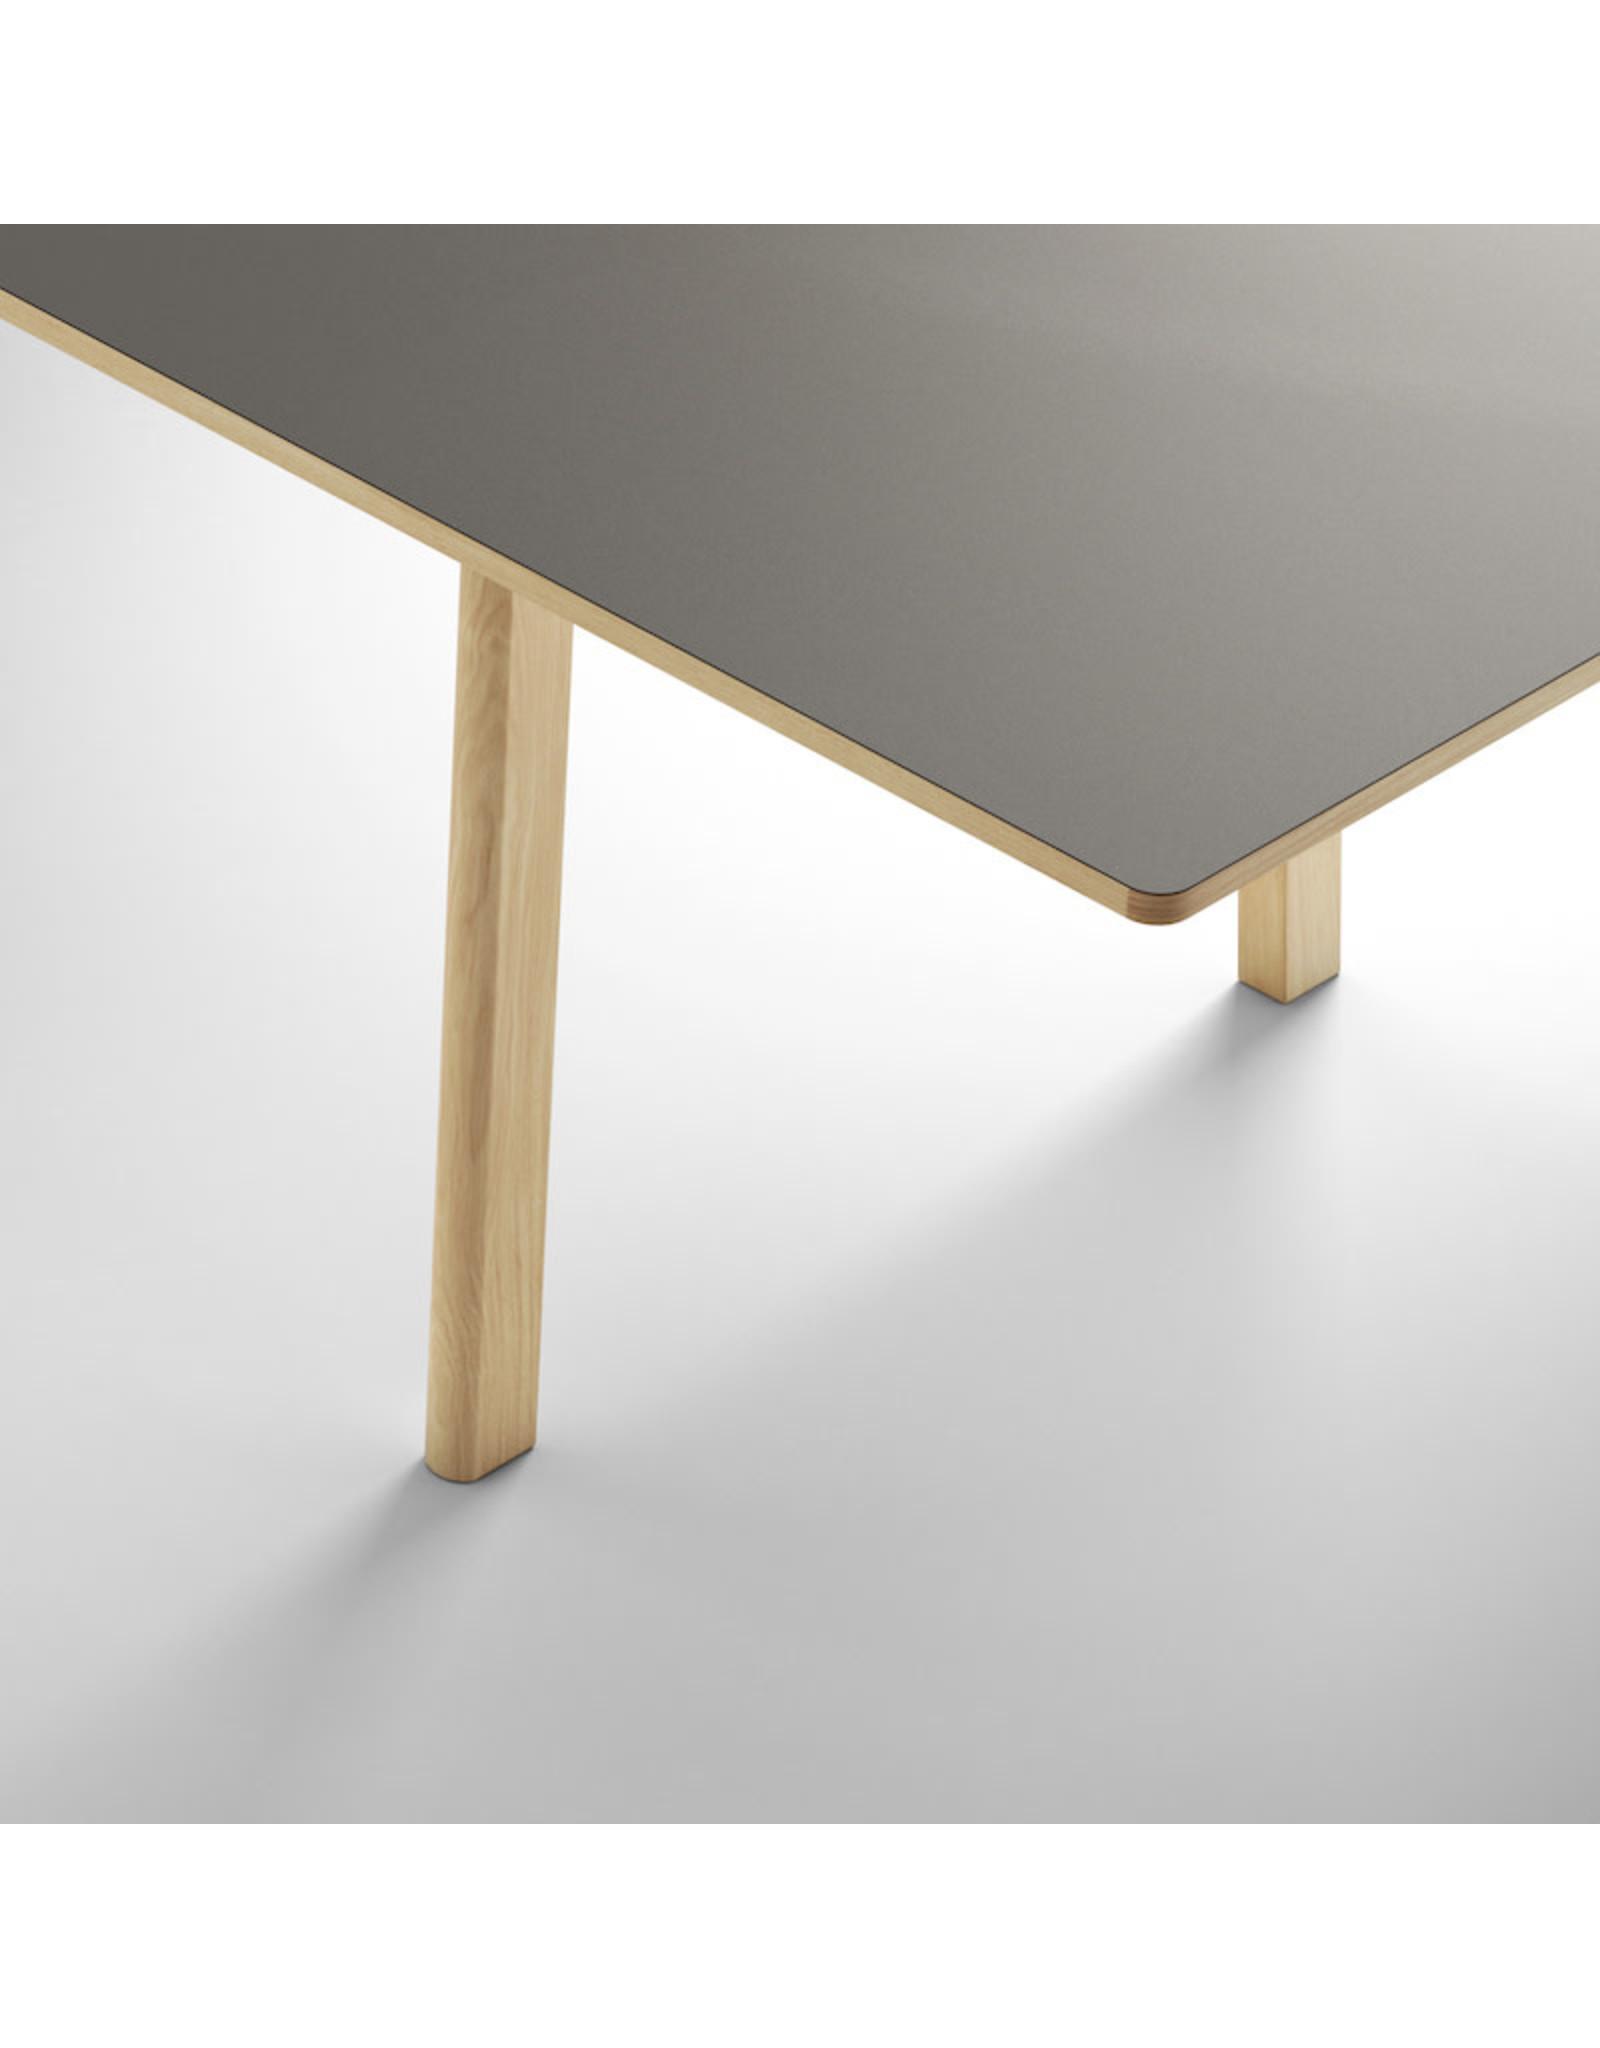 6490 ANA TABLE IN OAK SOAP